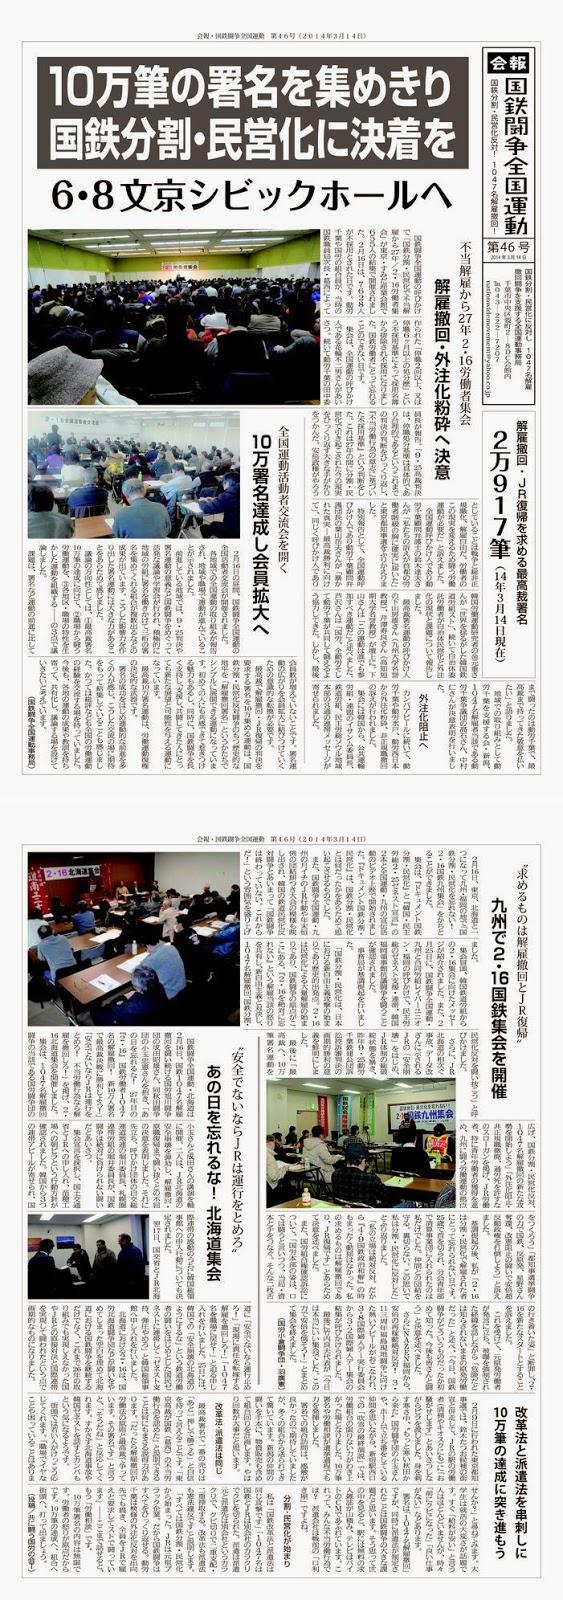 http://www.doro-chiba.org/z-undou/pdf/news_46.pdf